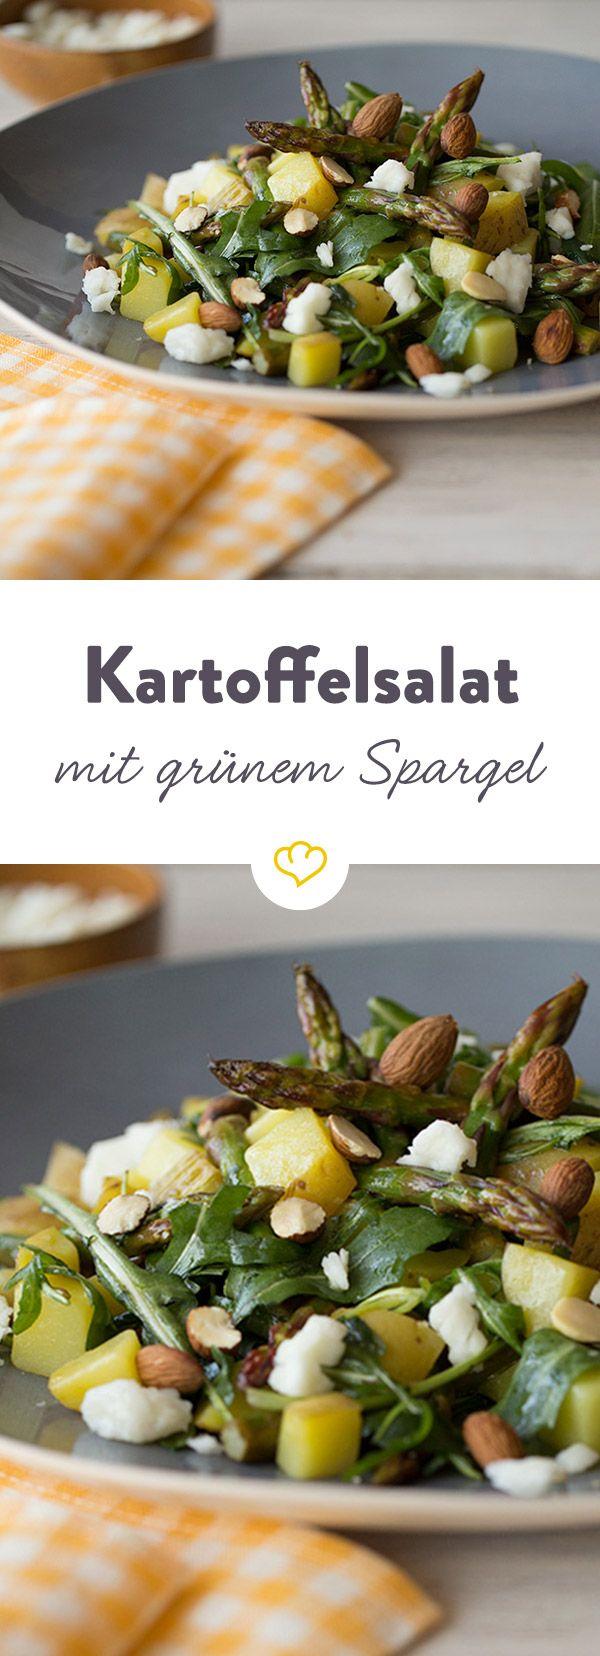 Mit knackig-grünem Spargel und würzigem Feta kombiniert wird die tolle Knolle zu einem schnellen, leichten und einfach leckeren Frühlingsgericht.